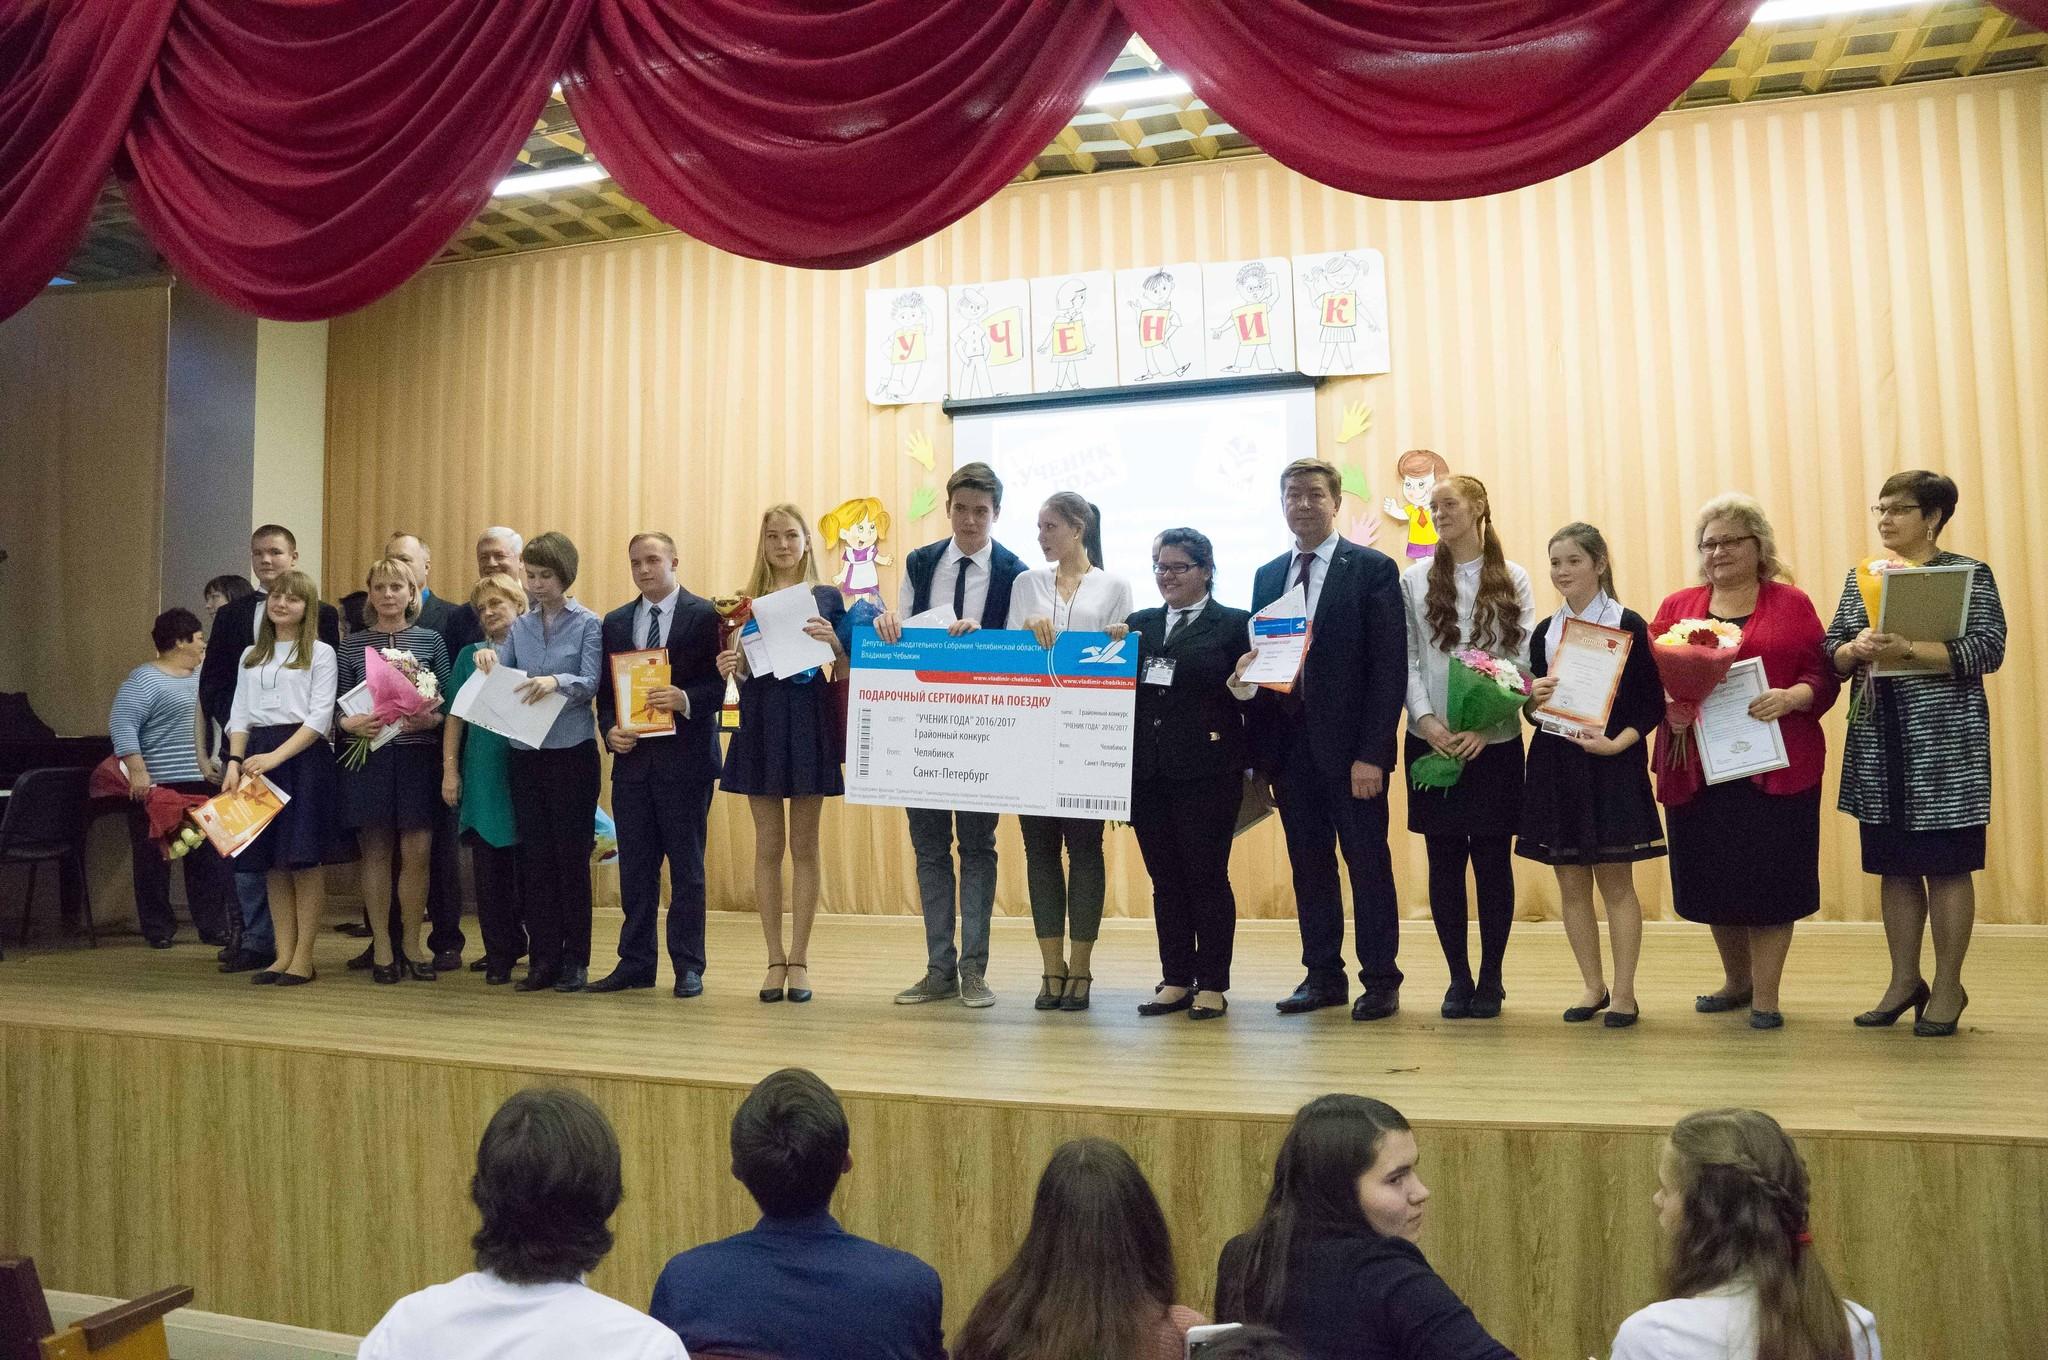 Владимир Чебыкин поздравил победителей первого районного конкурса «Ученик года 2016/2017»